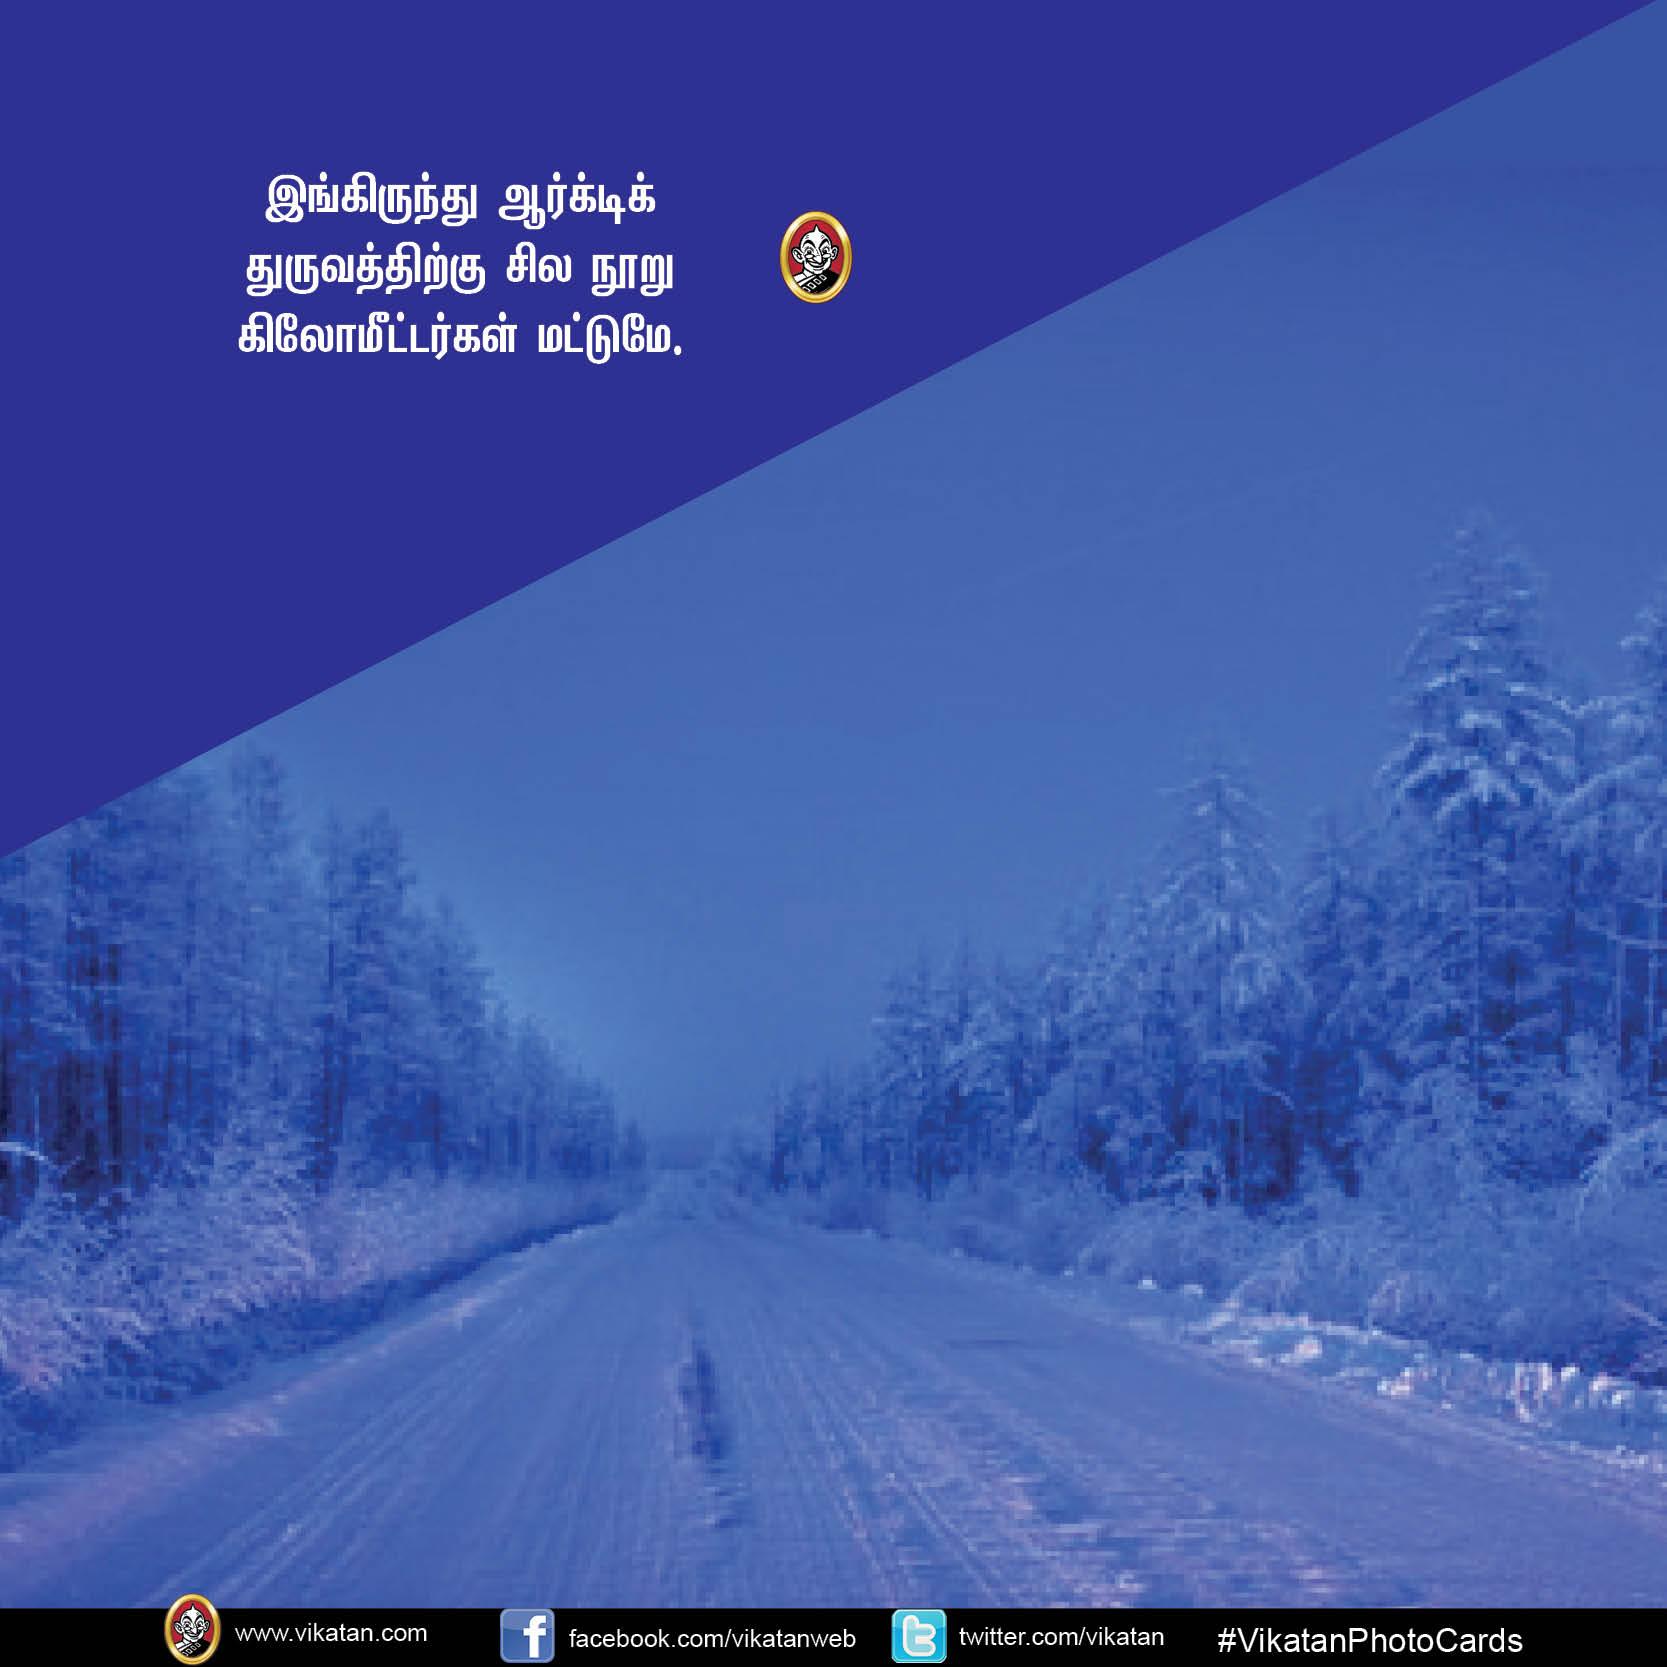 ஆர்க்டிக் துருவத்திற்கு மிக அருகில்... ஓய்மியகன் கிராமத்தில் ஒருநாள் எப்படி இருக்கும்? #VikatanPhotoCards